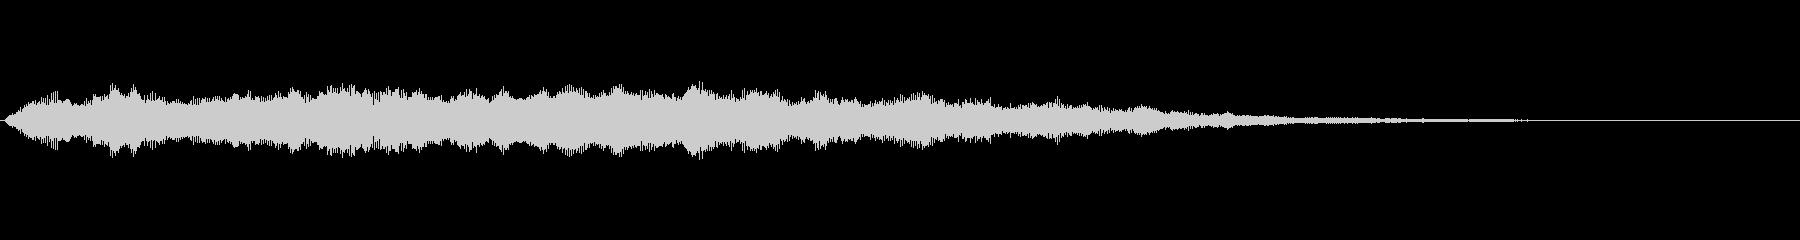 高い周波数の「キー(ビー)→ギラギラ」の未再生の波形